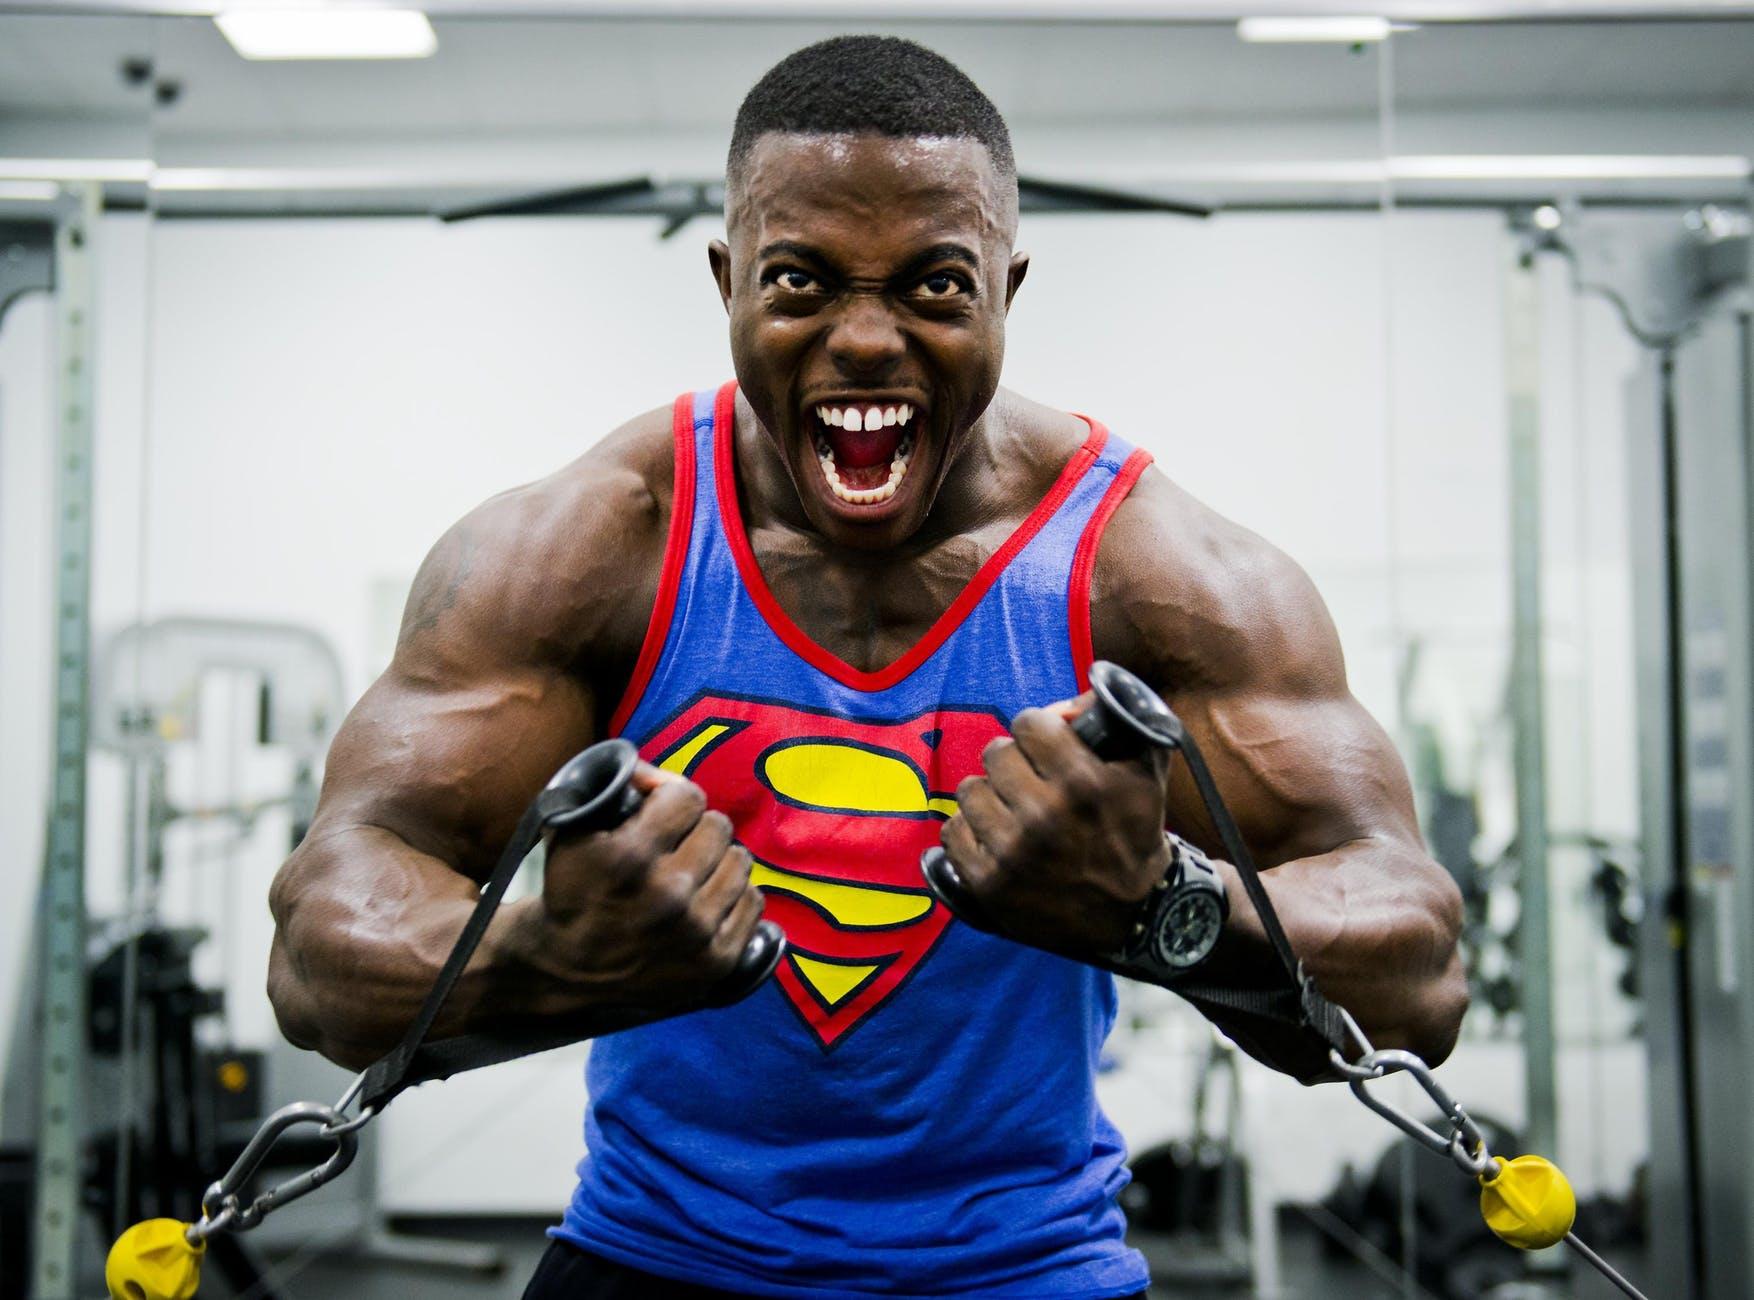 bodybuilder-weight-training-stress-38630.jpeg